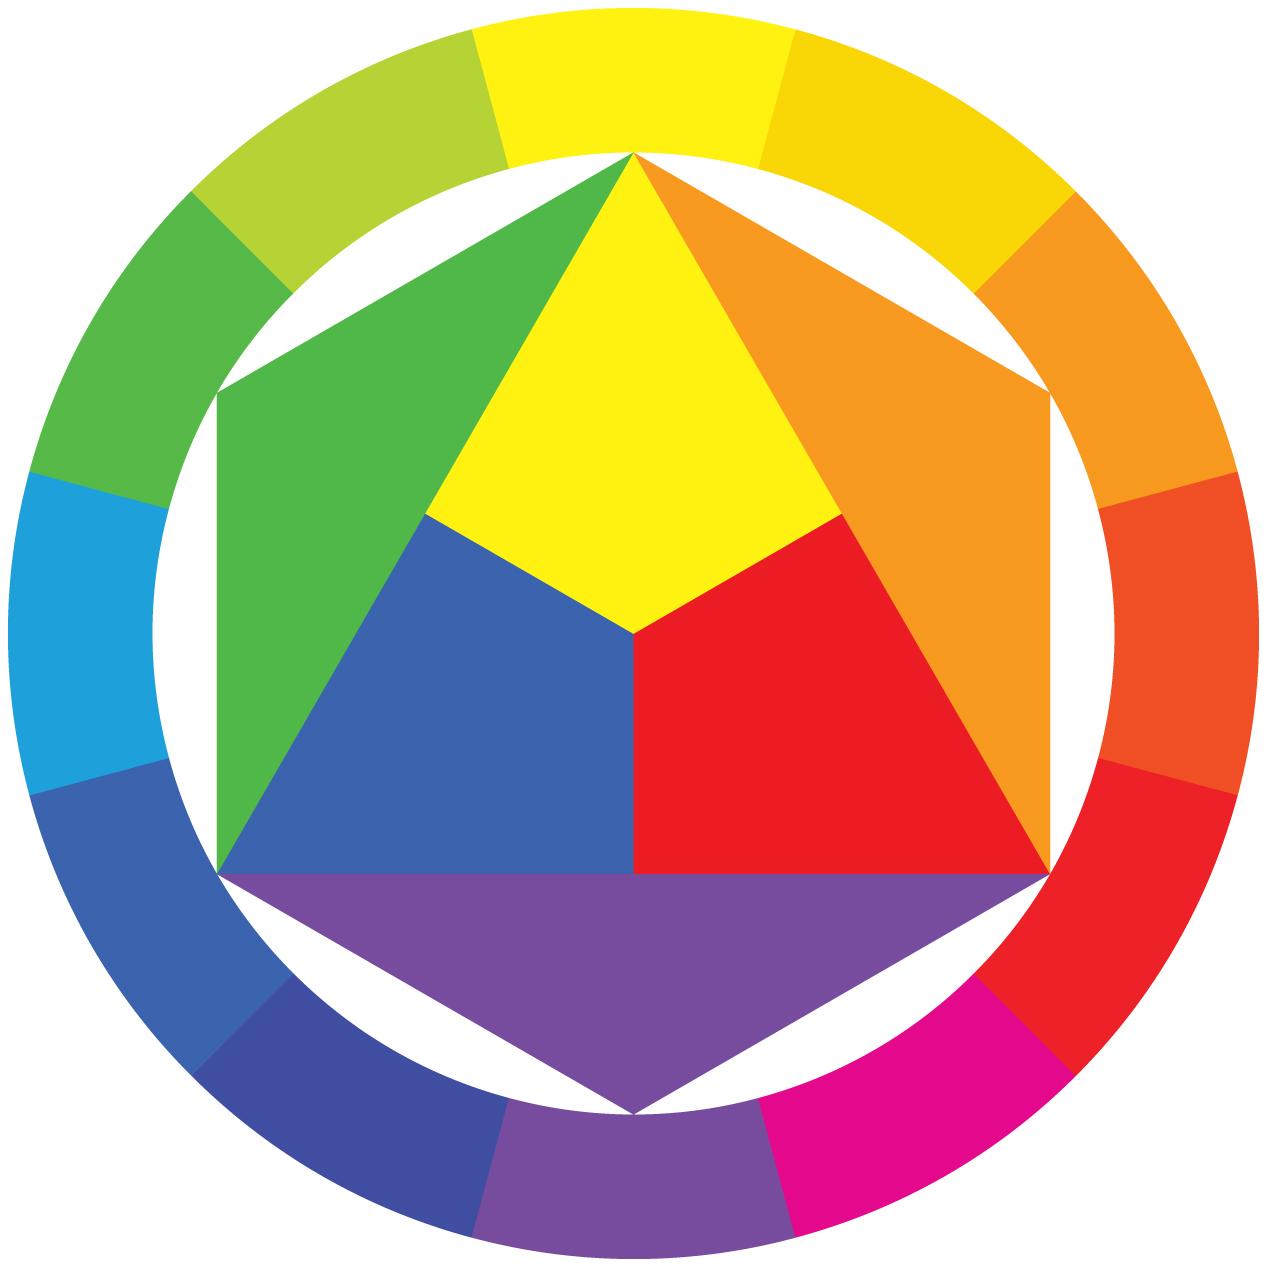 Aulas 09-10: Elemento expressivo - Cores - Círculo Cromático